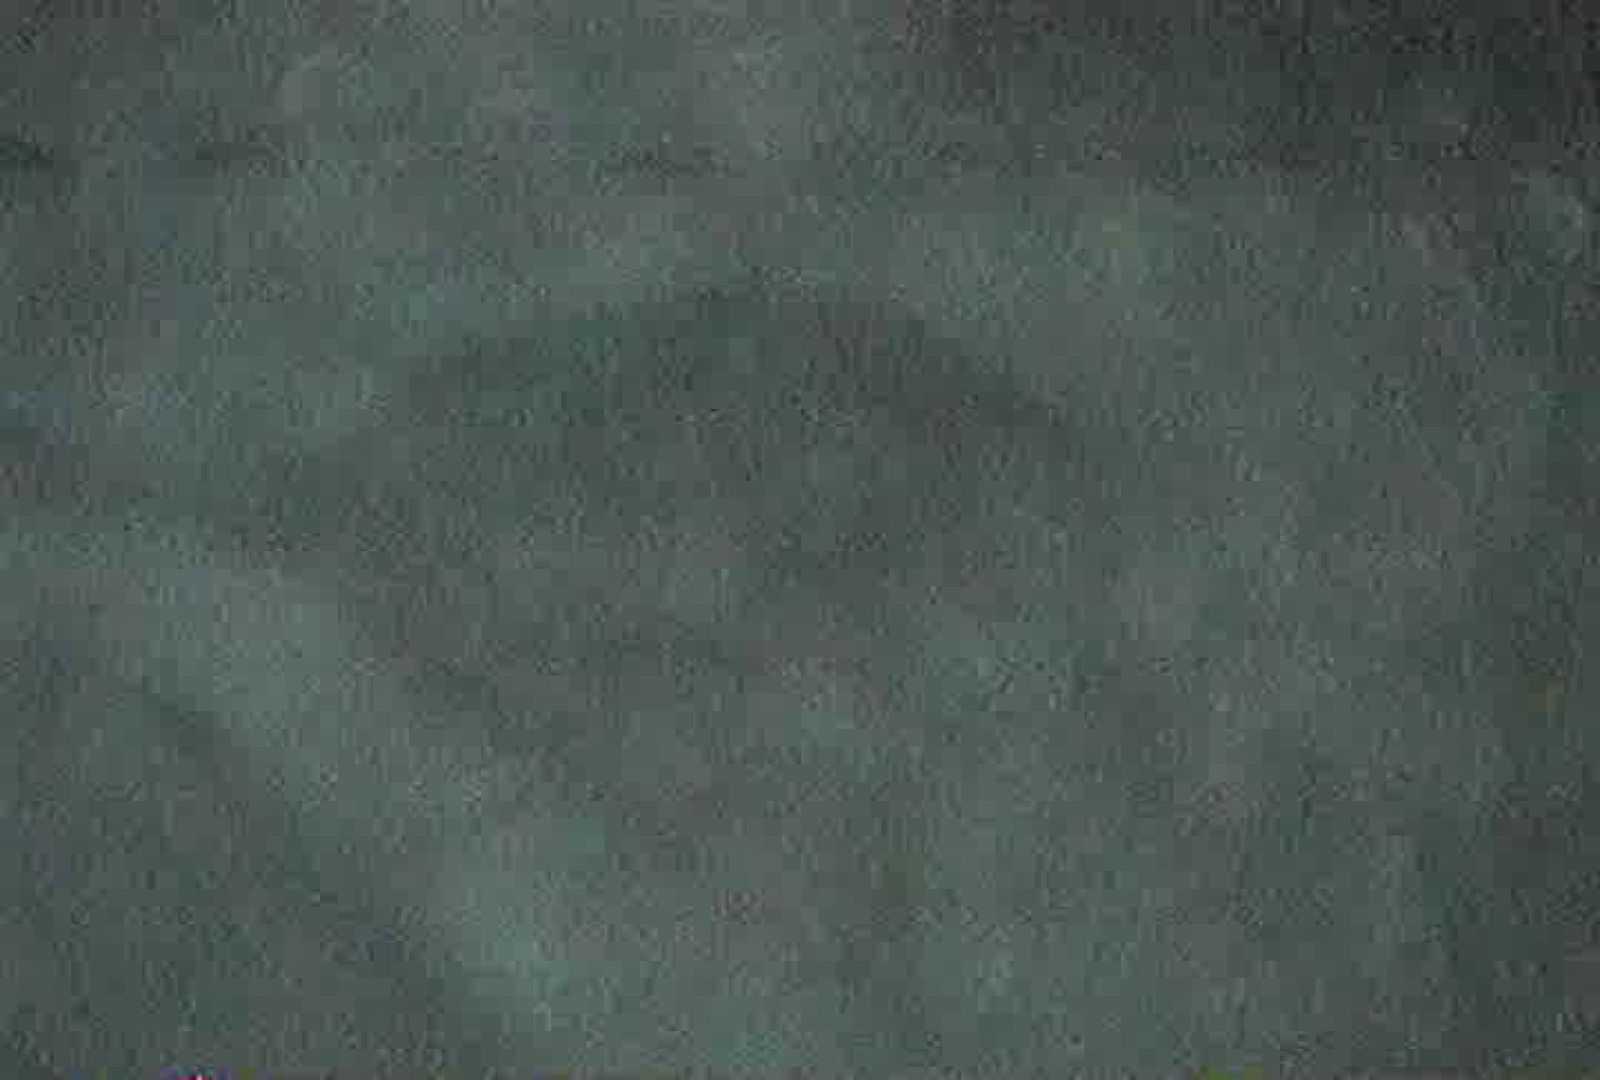 充血監督の深夜の運動会Vol.50 OLすけべ画像 SEX無修正画像 66連発 8